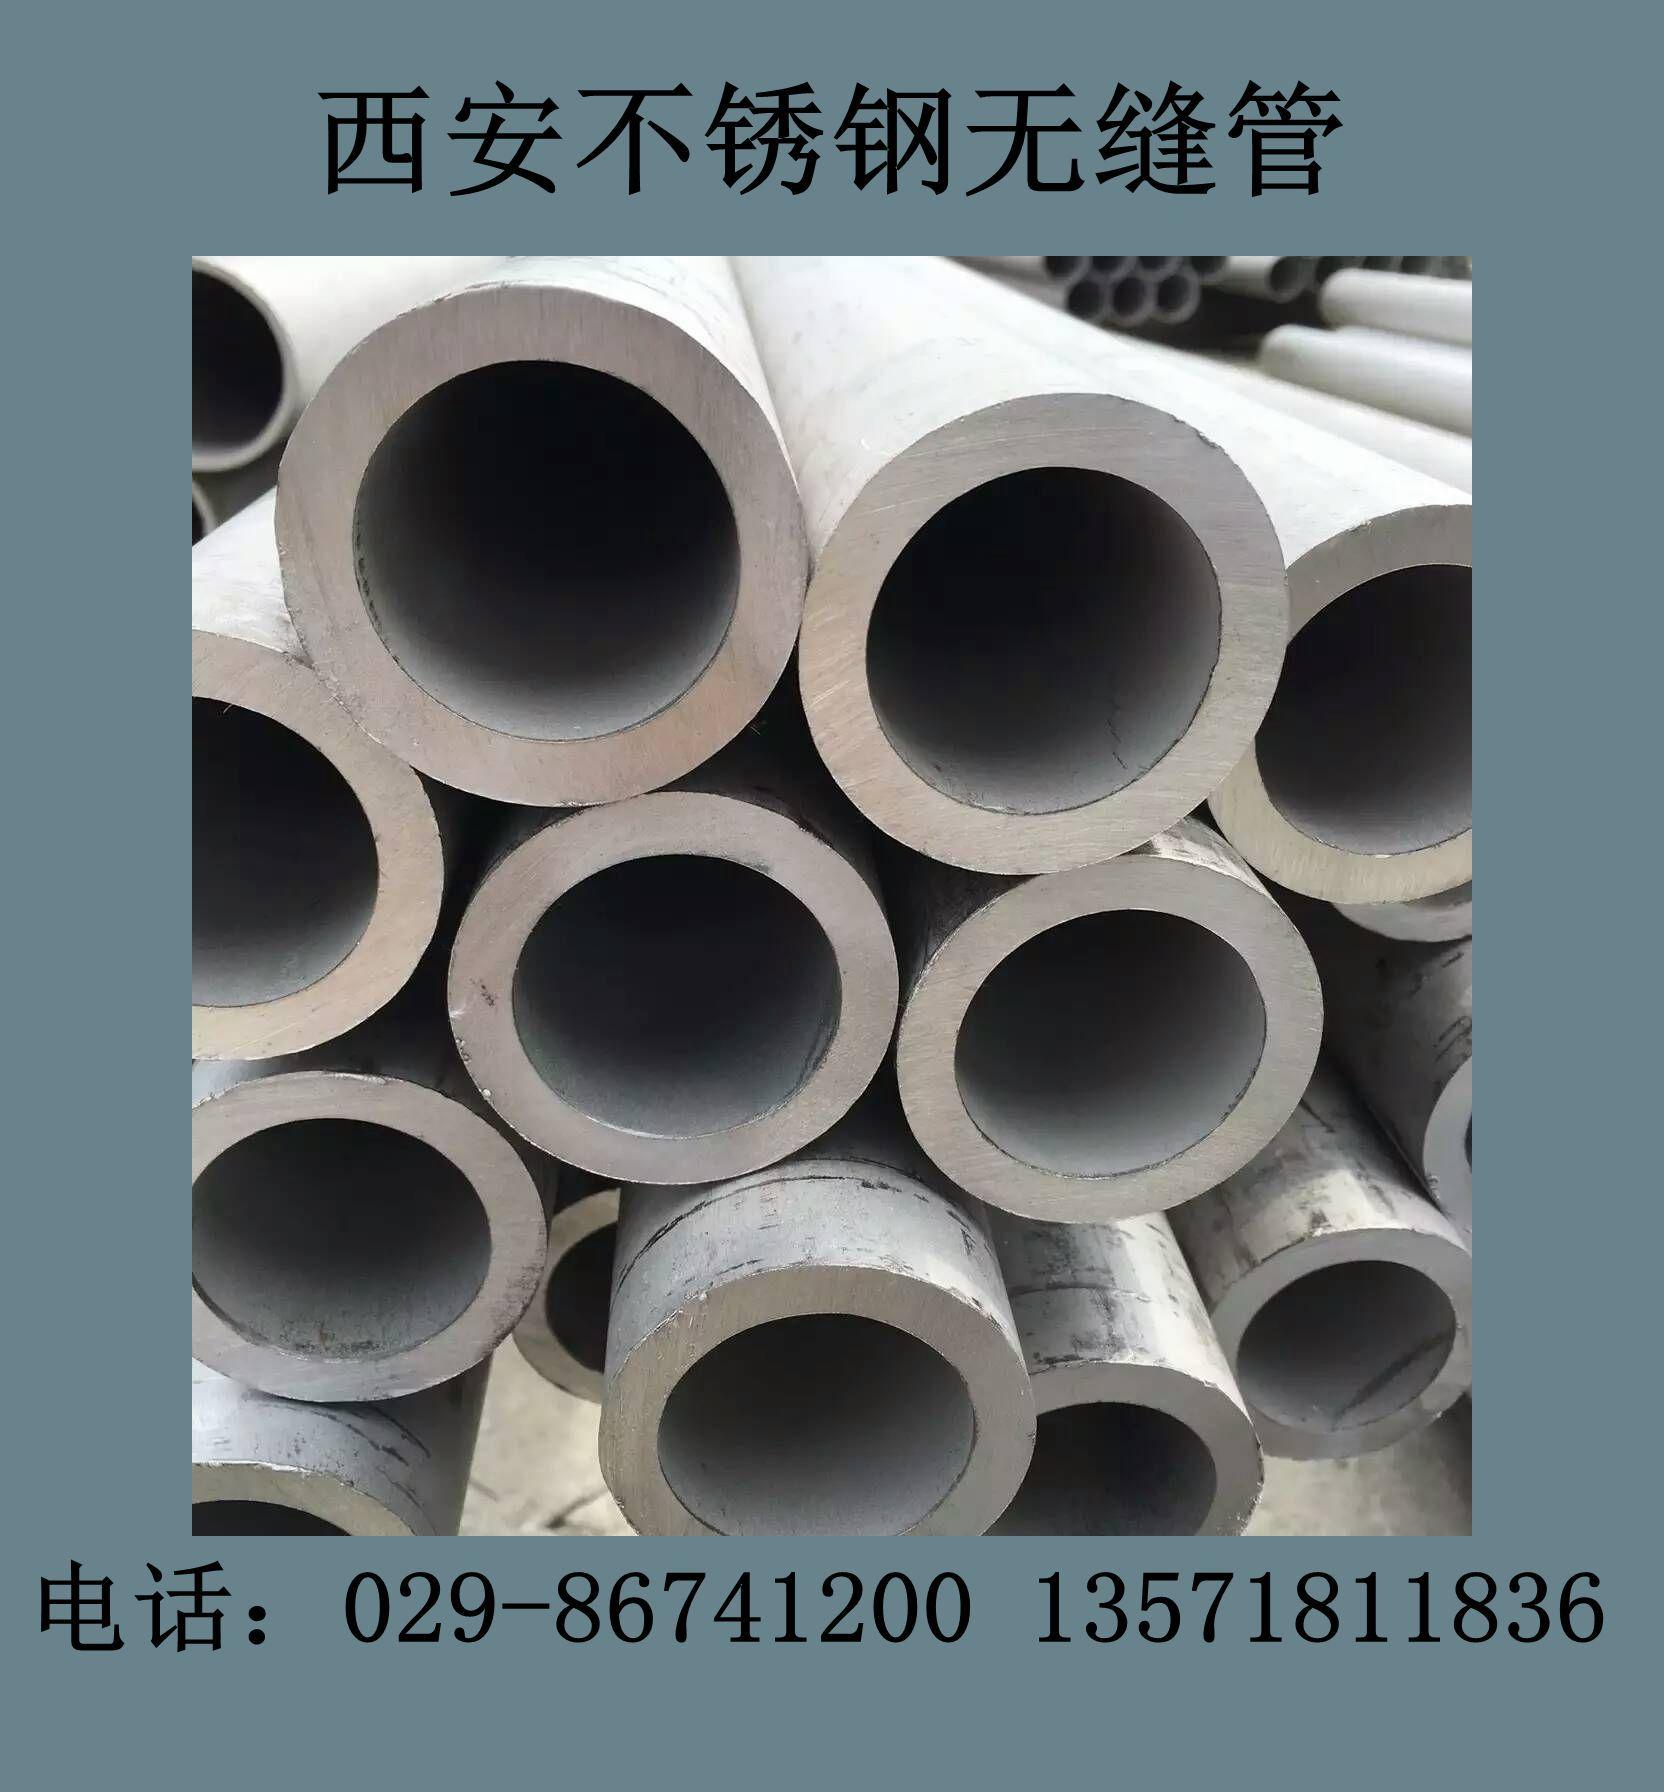 哈密不锈钢管哈密304不锈钢管哈密310s不锈钢管厂家直销批发零售